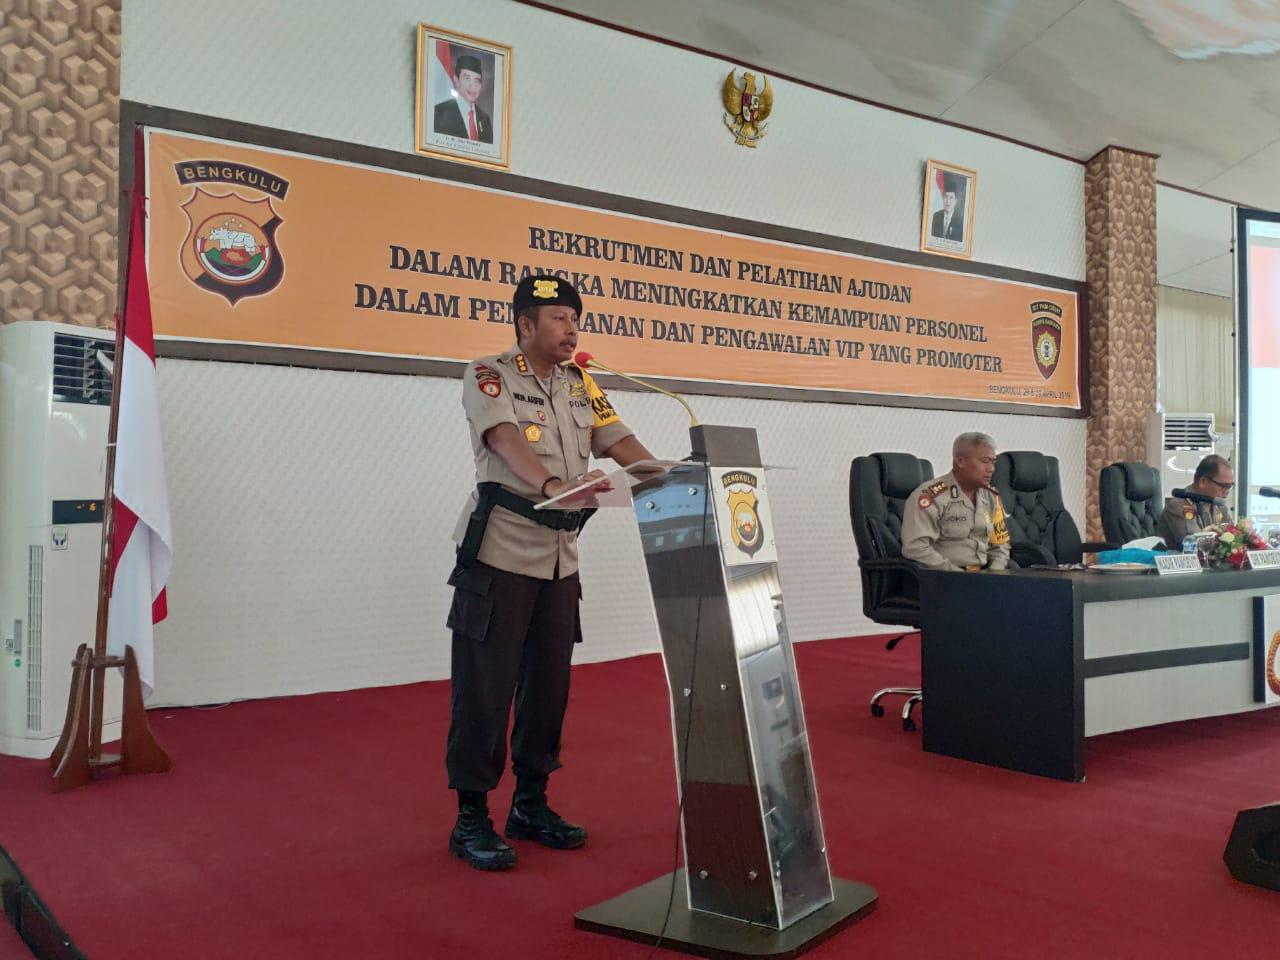 Rekrutmen dan Pelatihan Ajudan Polda Bengkulu